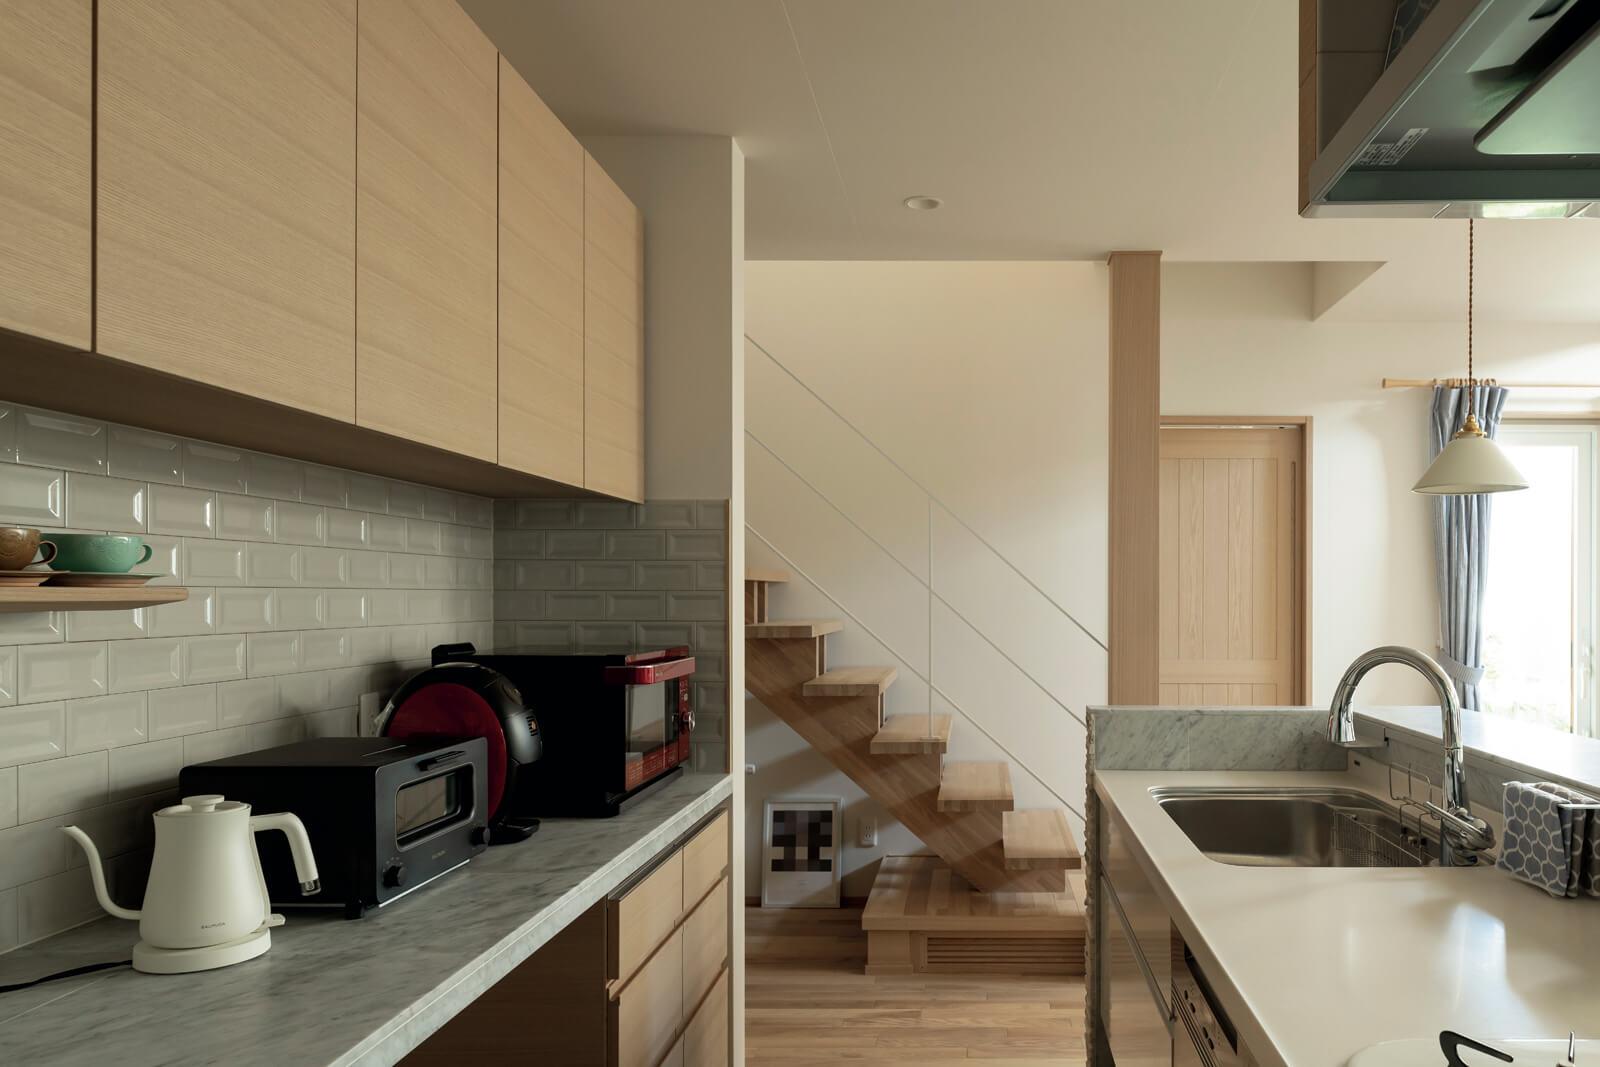 「キッチンで家事をしながらも、家族が2階に行ったことが確認できるんです。こういう些細なことも、暮らしやすさにつながるんですよね」と奥さん